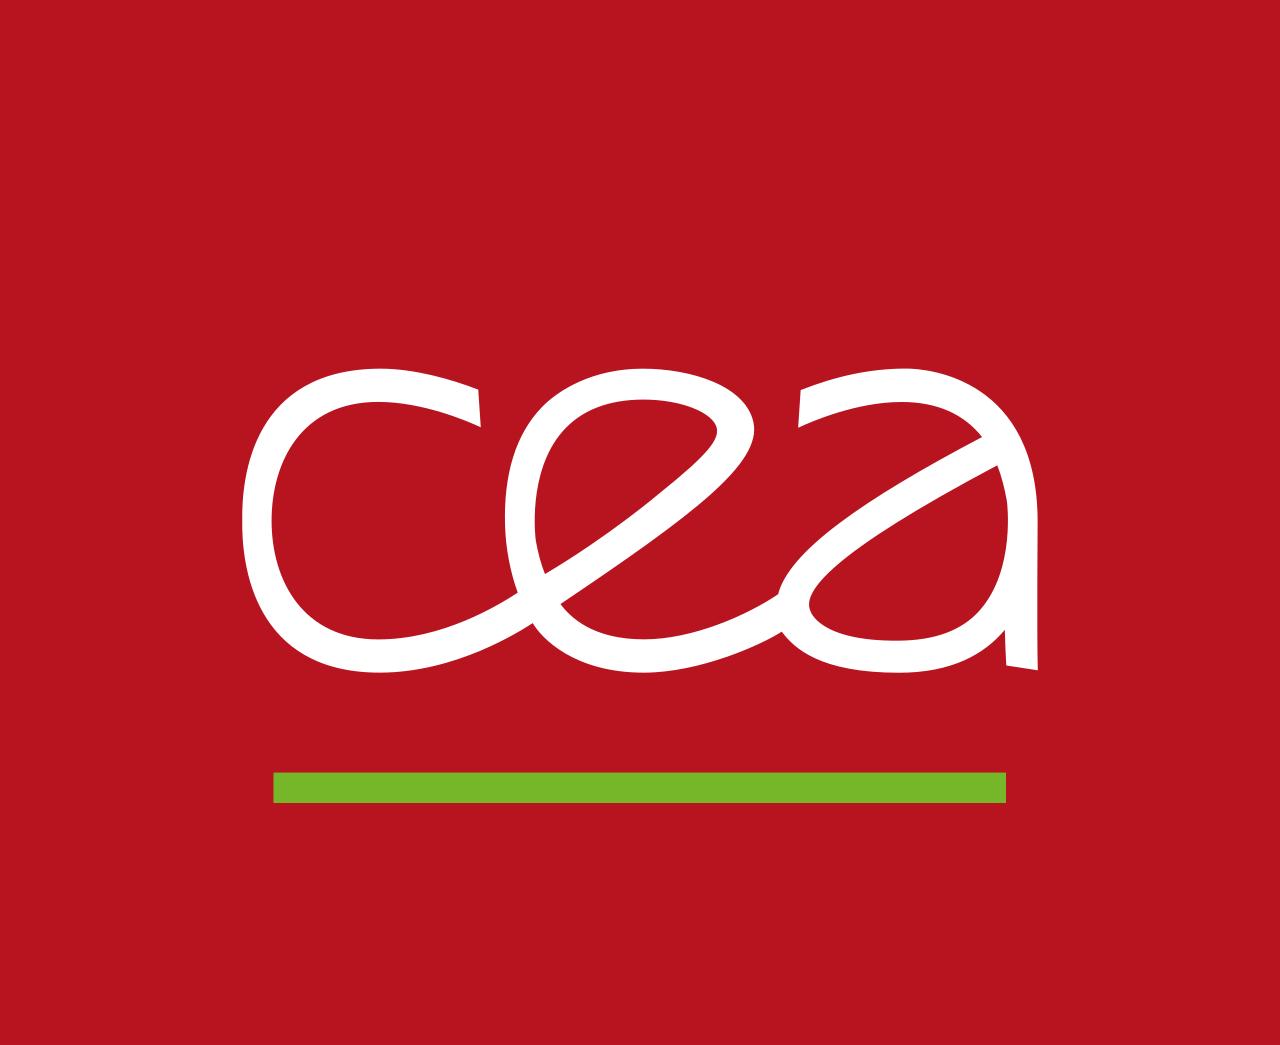 https://www.lightcascade.com/media/uploads/content/logo_cea.png